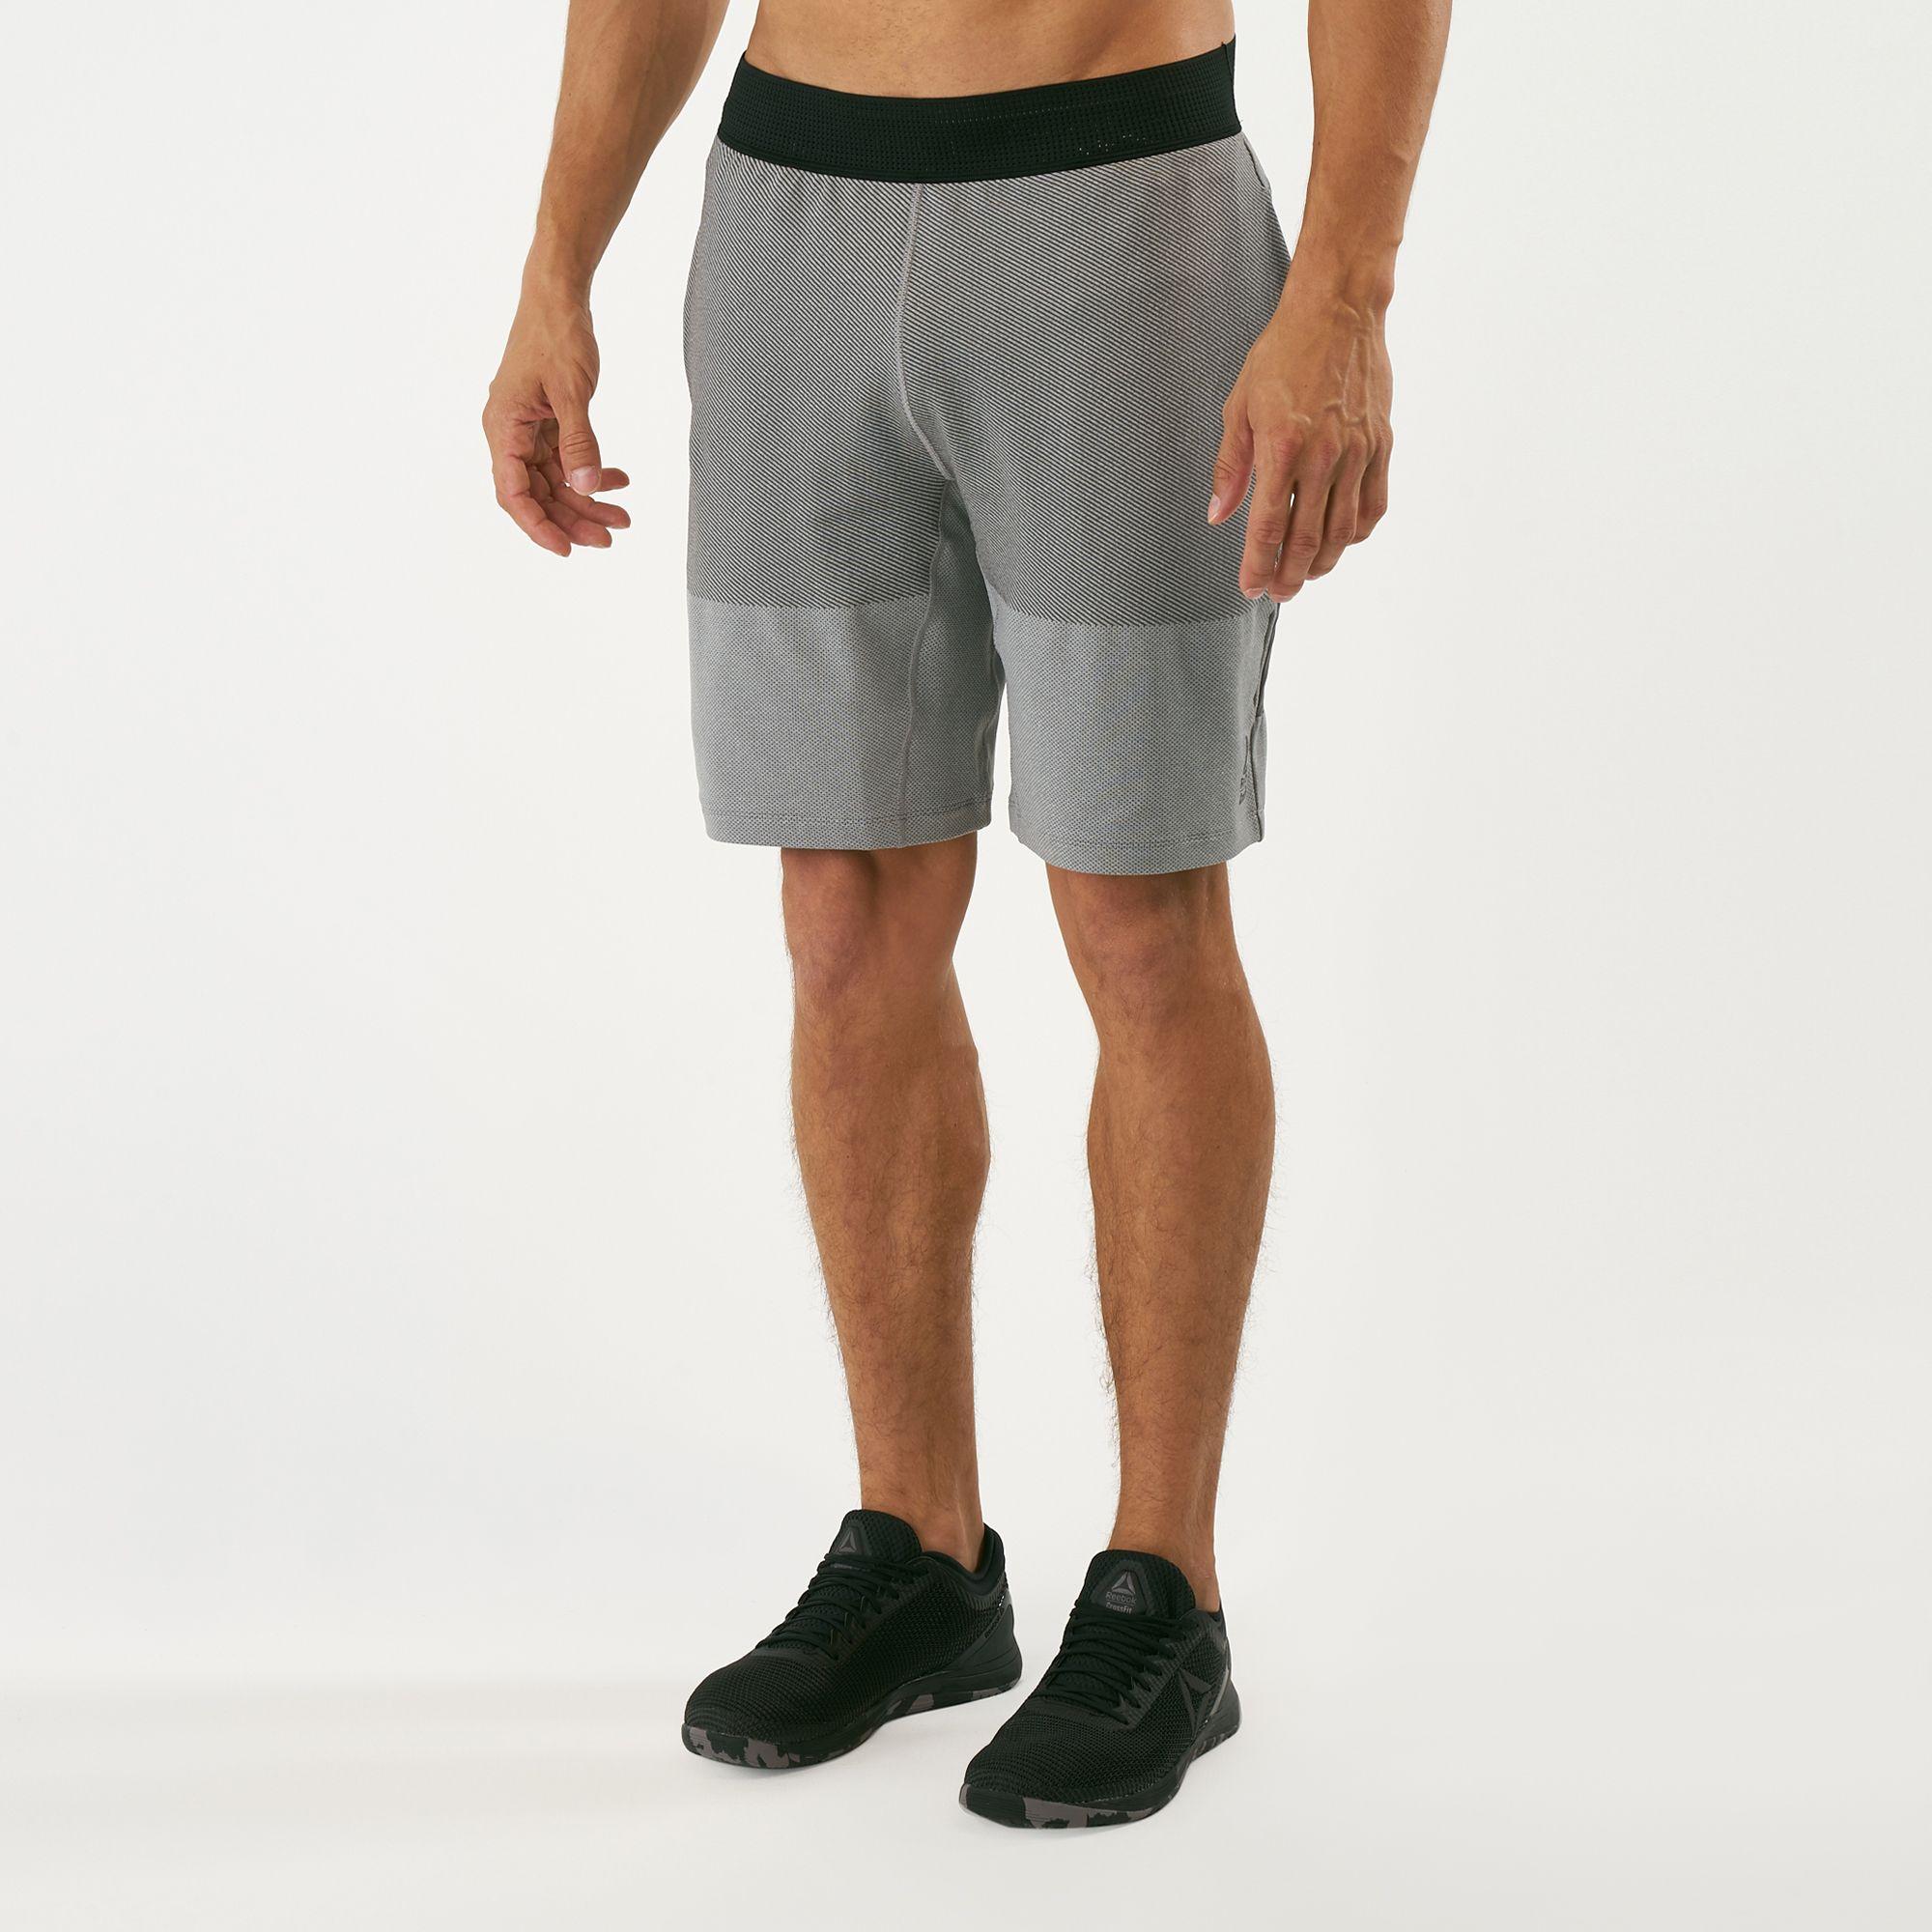 5a400f55b5 Reebok Men's CrossFit Myoknit Shorts